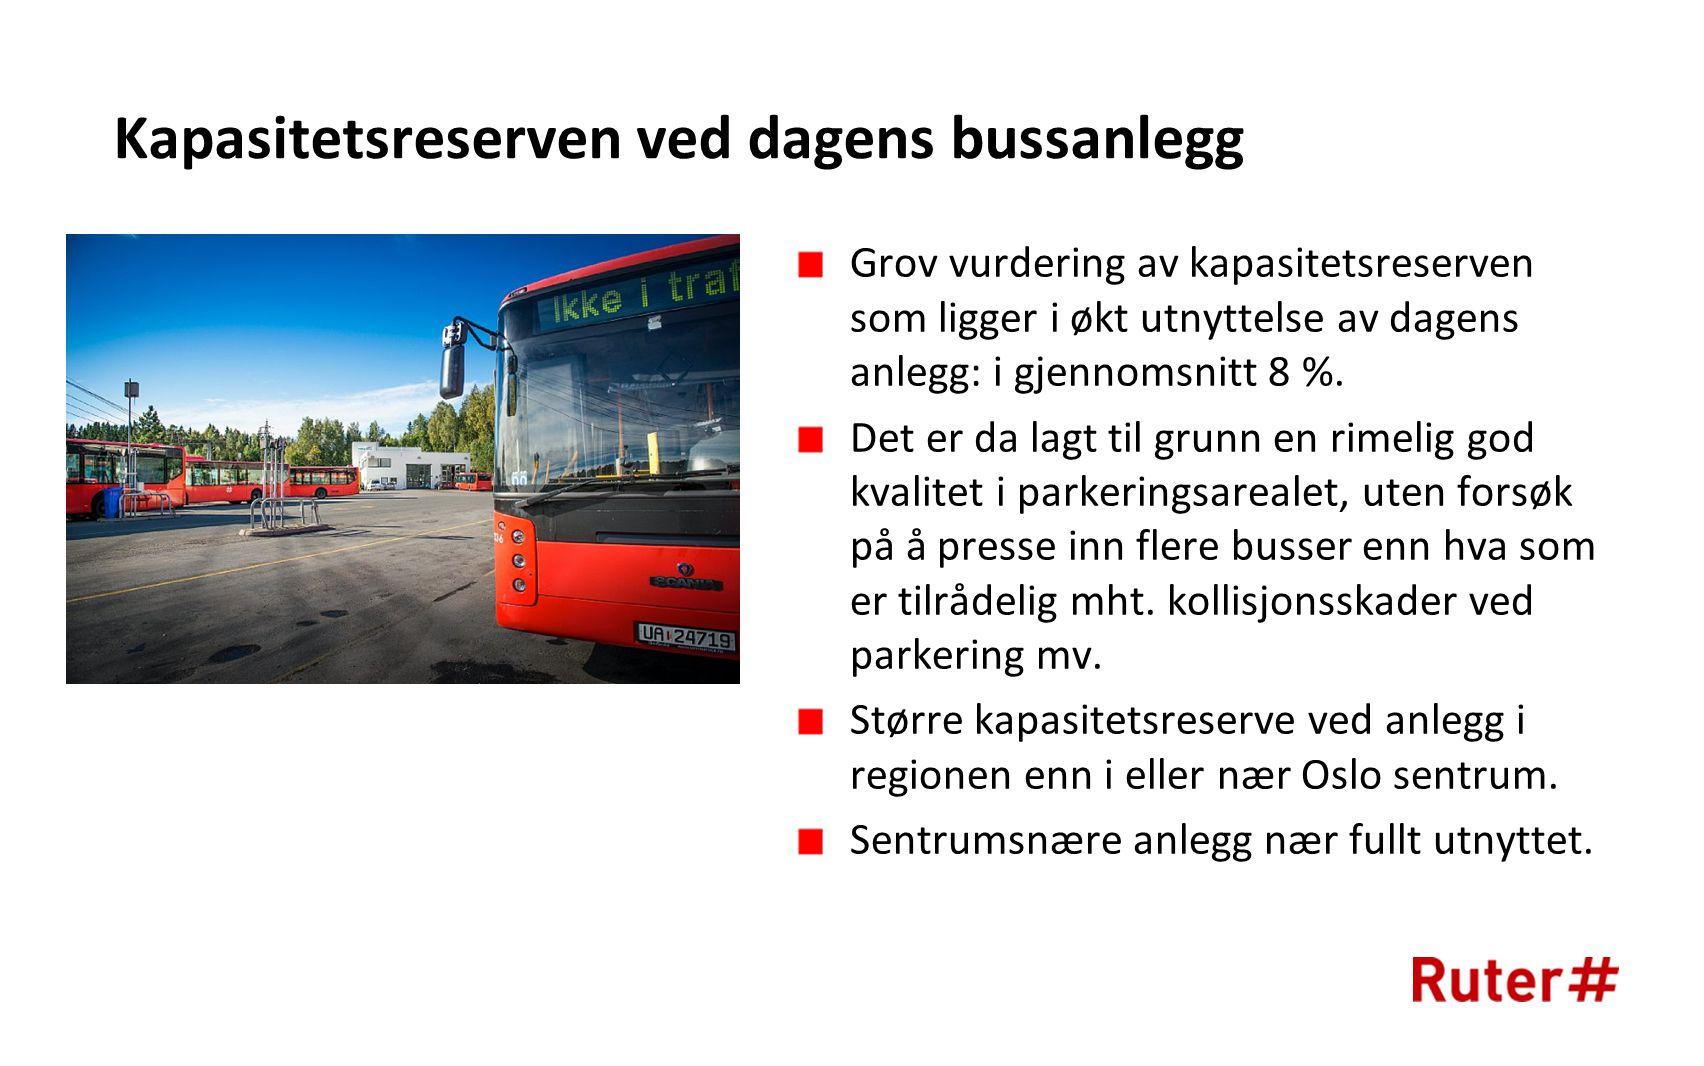 Kapasitetsreserven ved dagens bussanlegg Grov vurdering av kapasitetsreserven som ligger i økt utnyttelse av dagens anlegg: i gjennomsnitt 8 %.